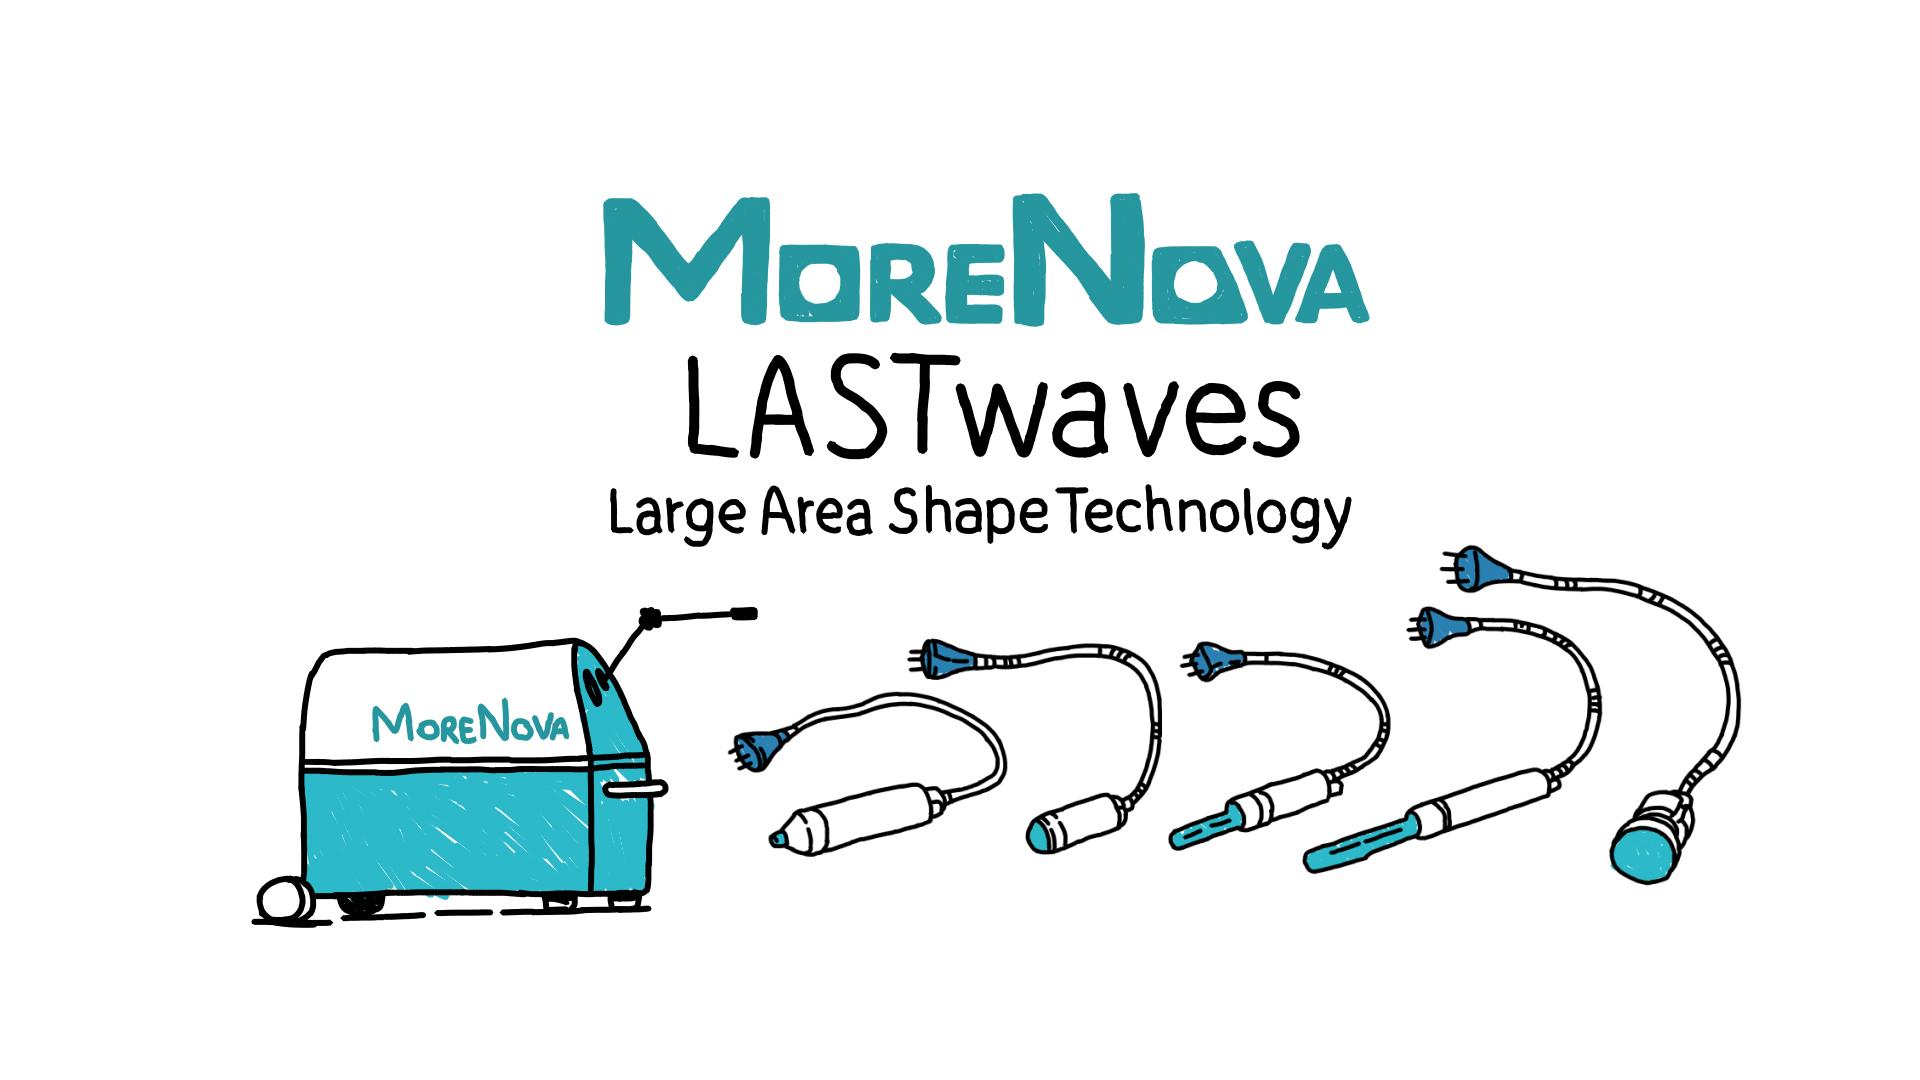 Large Area Shape Technology